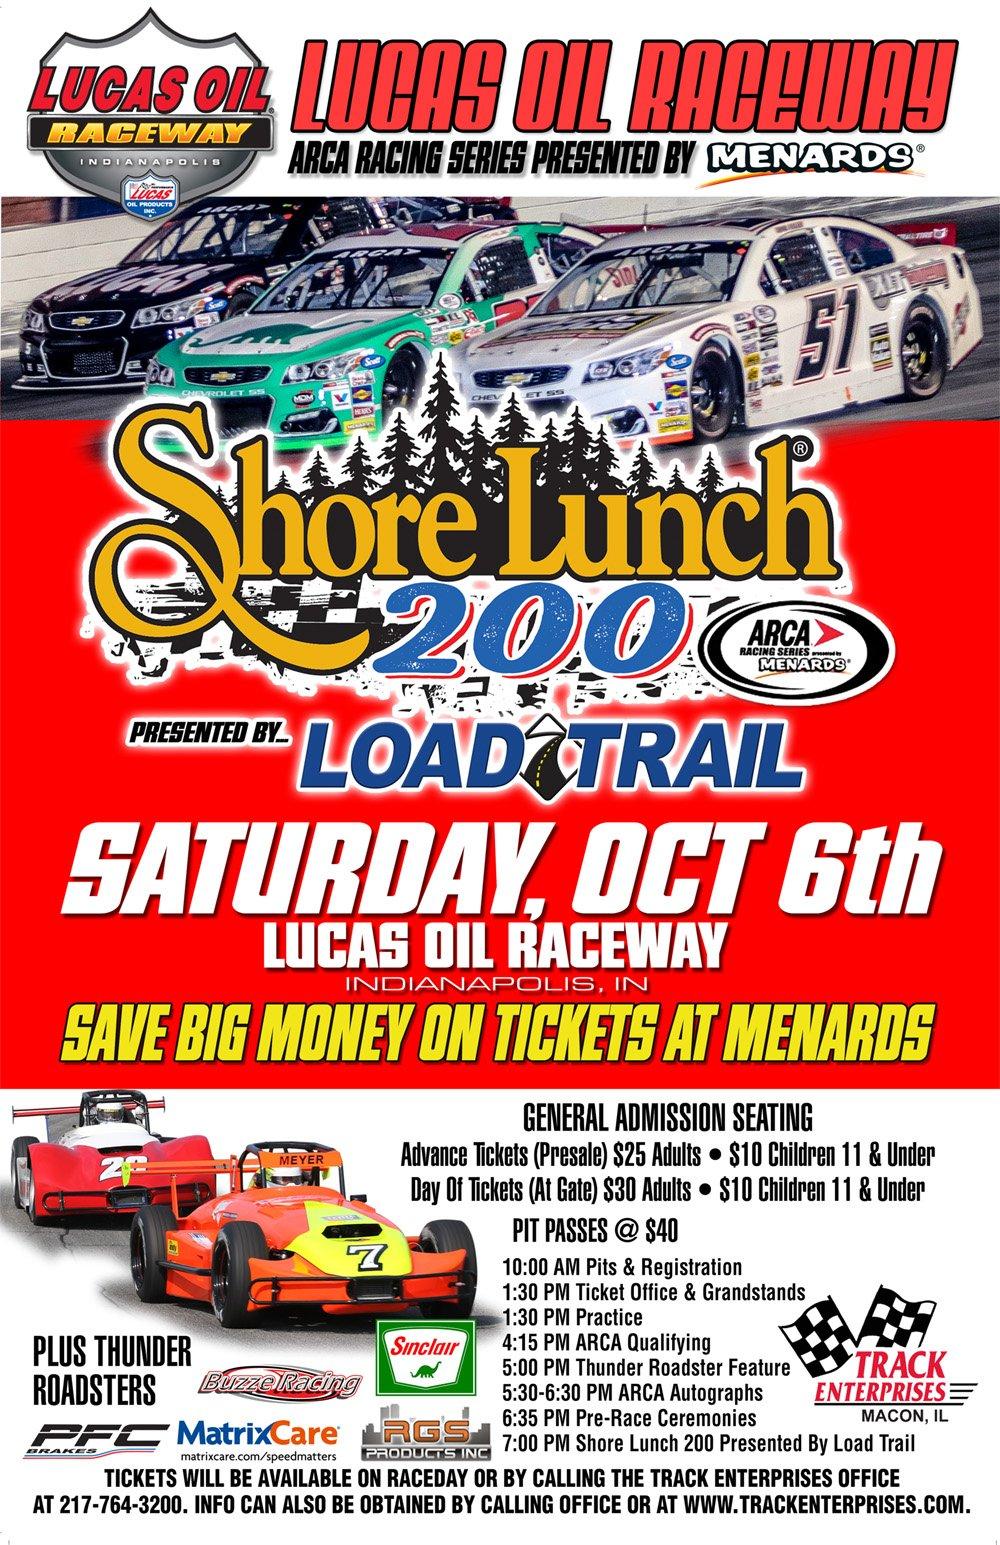 Lucas Oil Raceway October 6